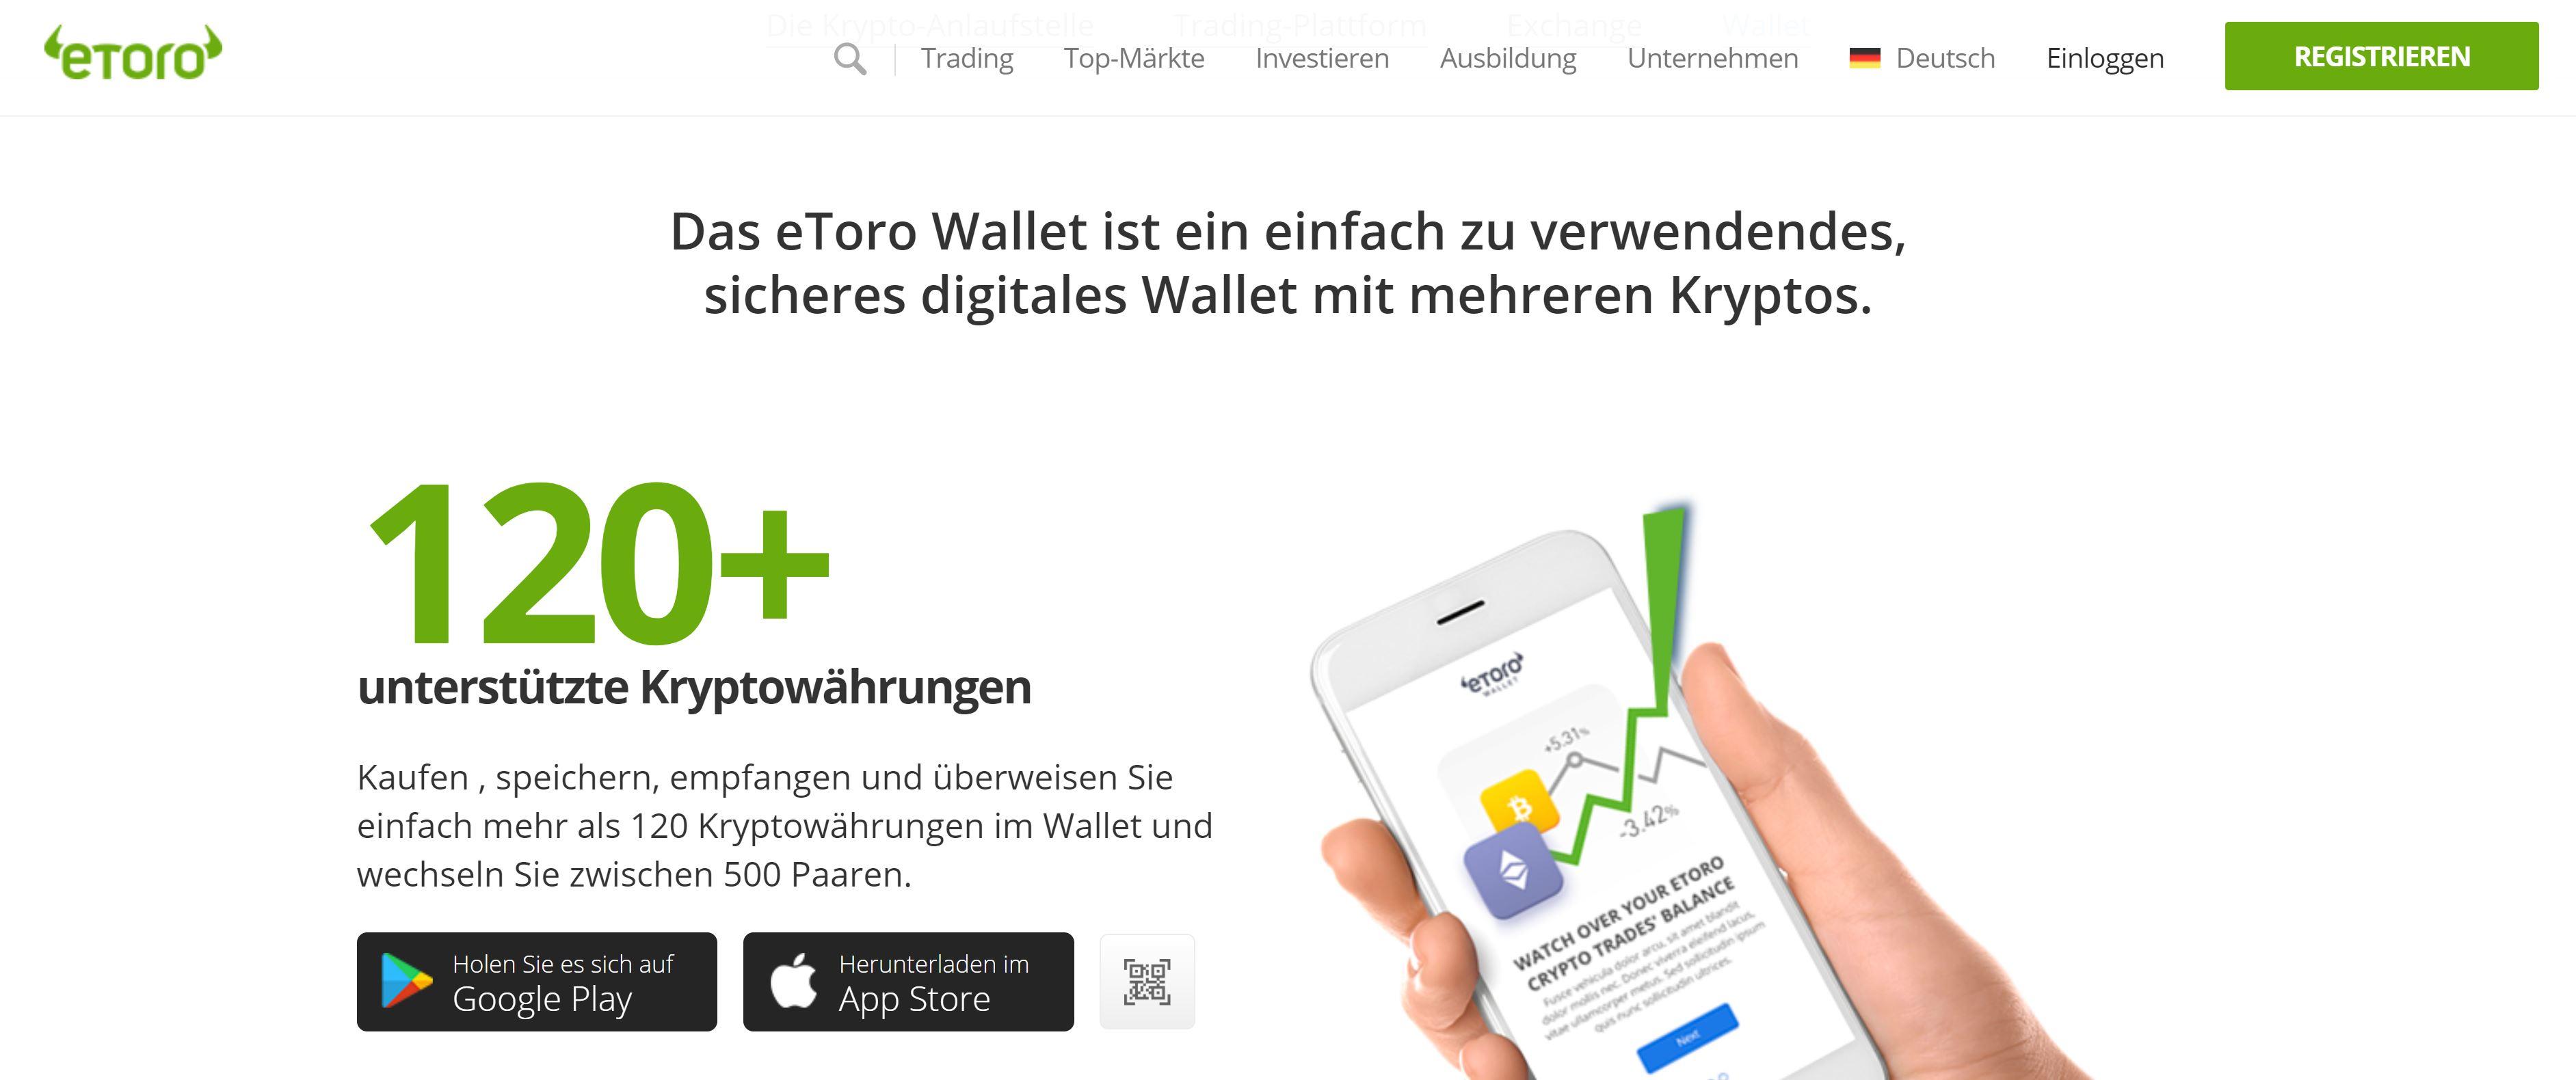 Sito web di eToro Wallet